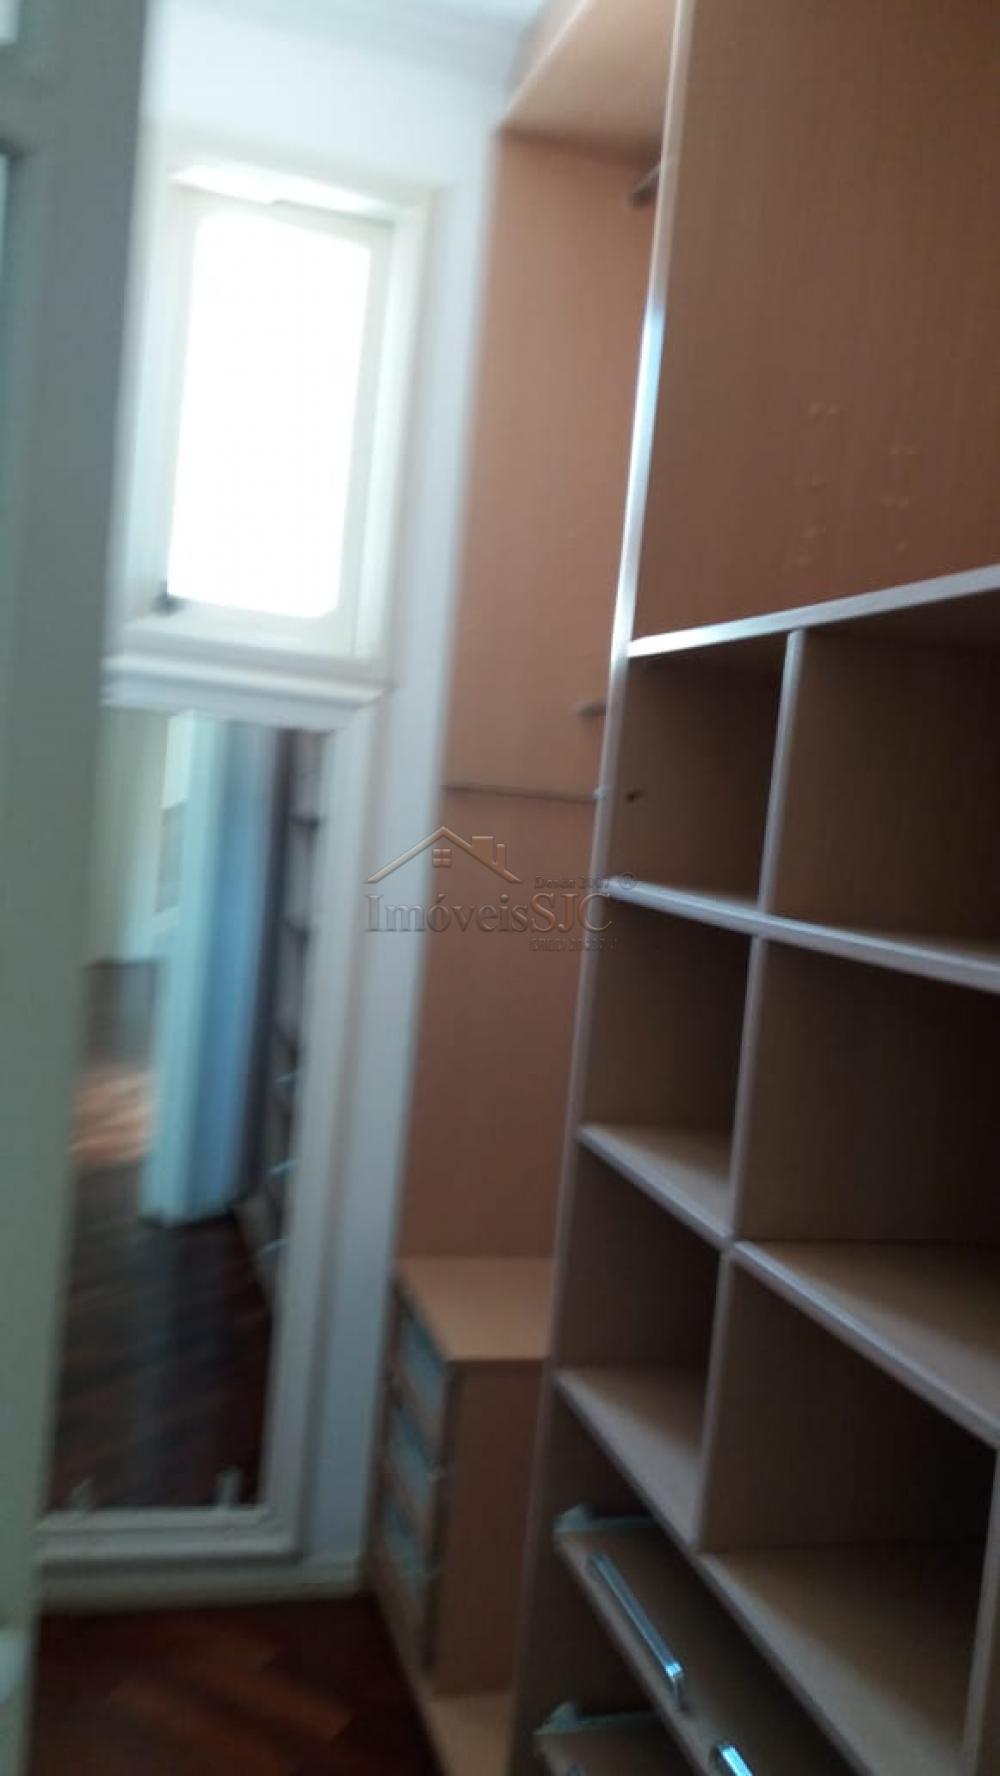 Comprar Casas / Condomínio em São José dos Campos apenas R$ 1.500.000,00 - Foto 8